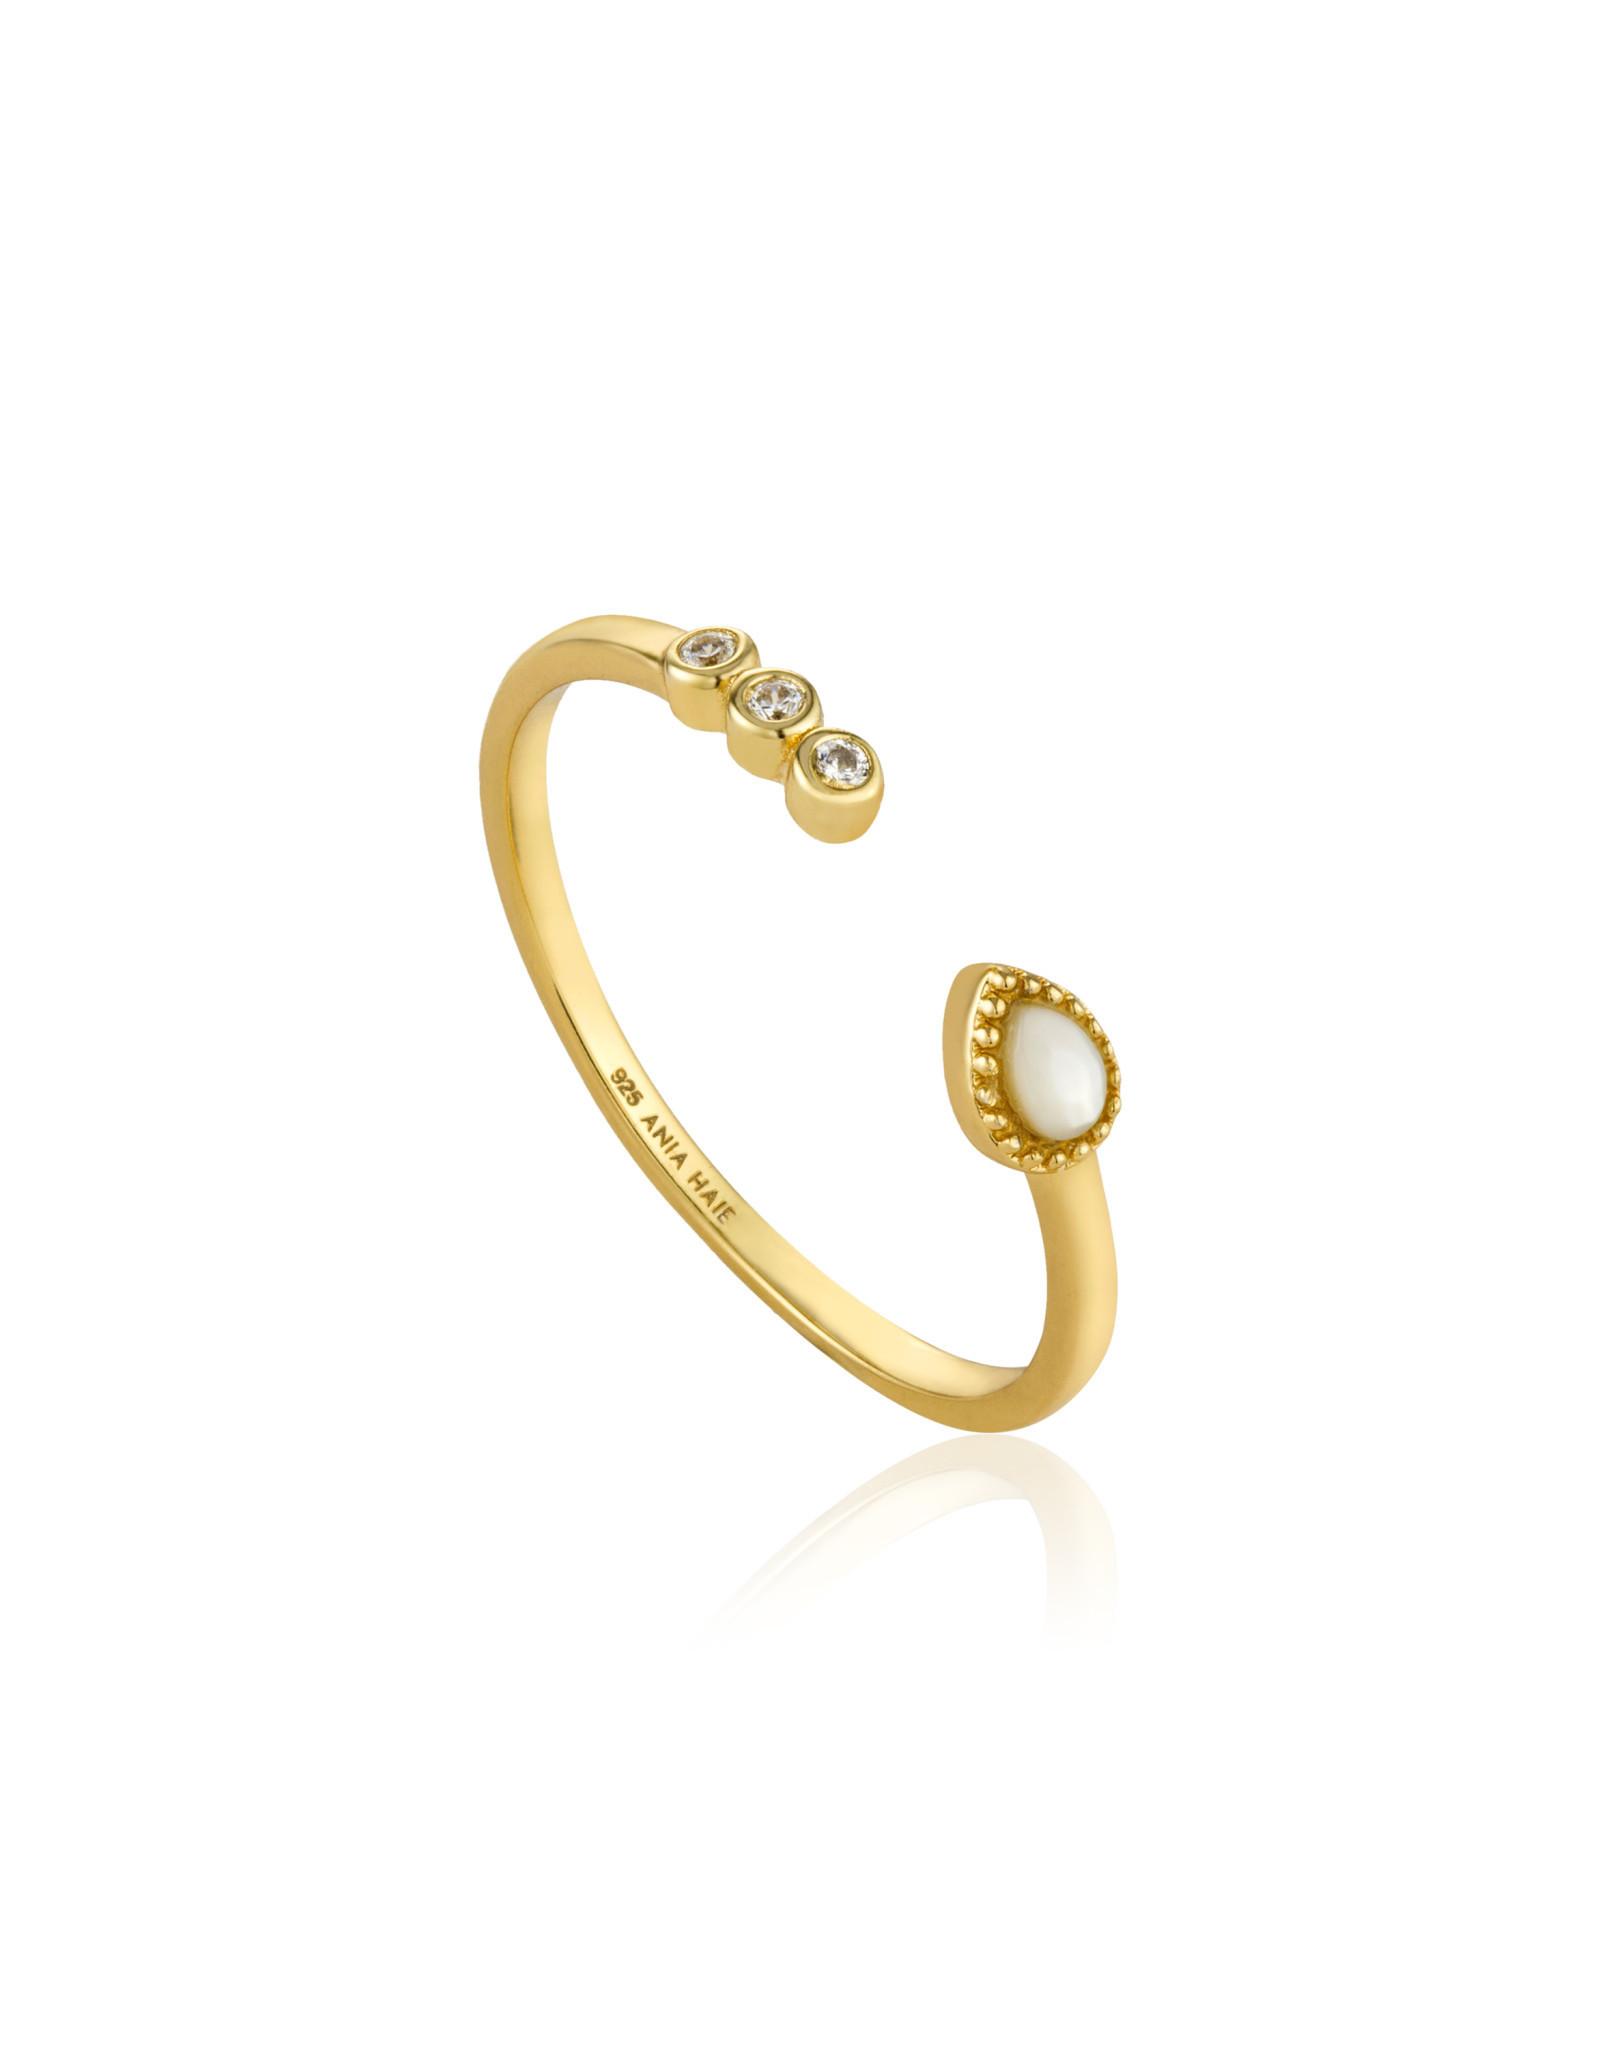 Ania Haie Ania Haie - Dream adjustable ring